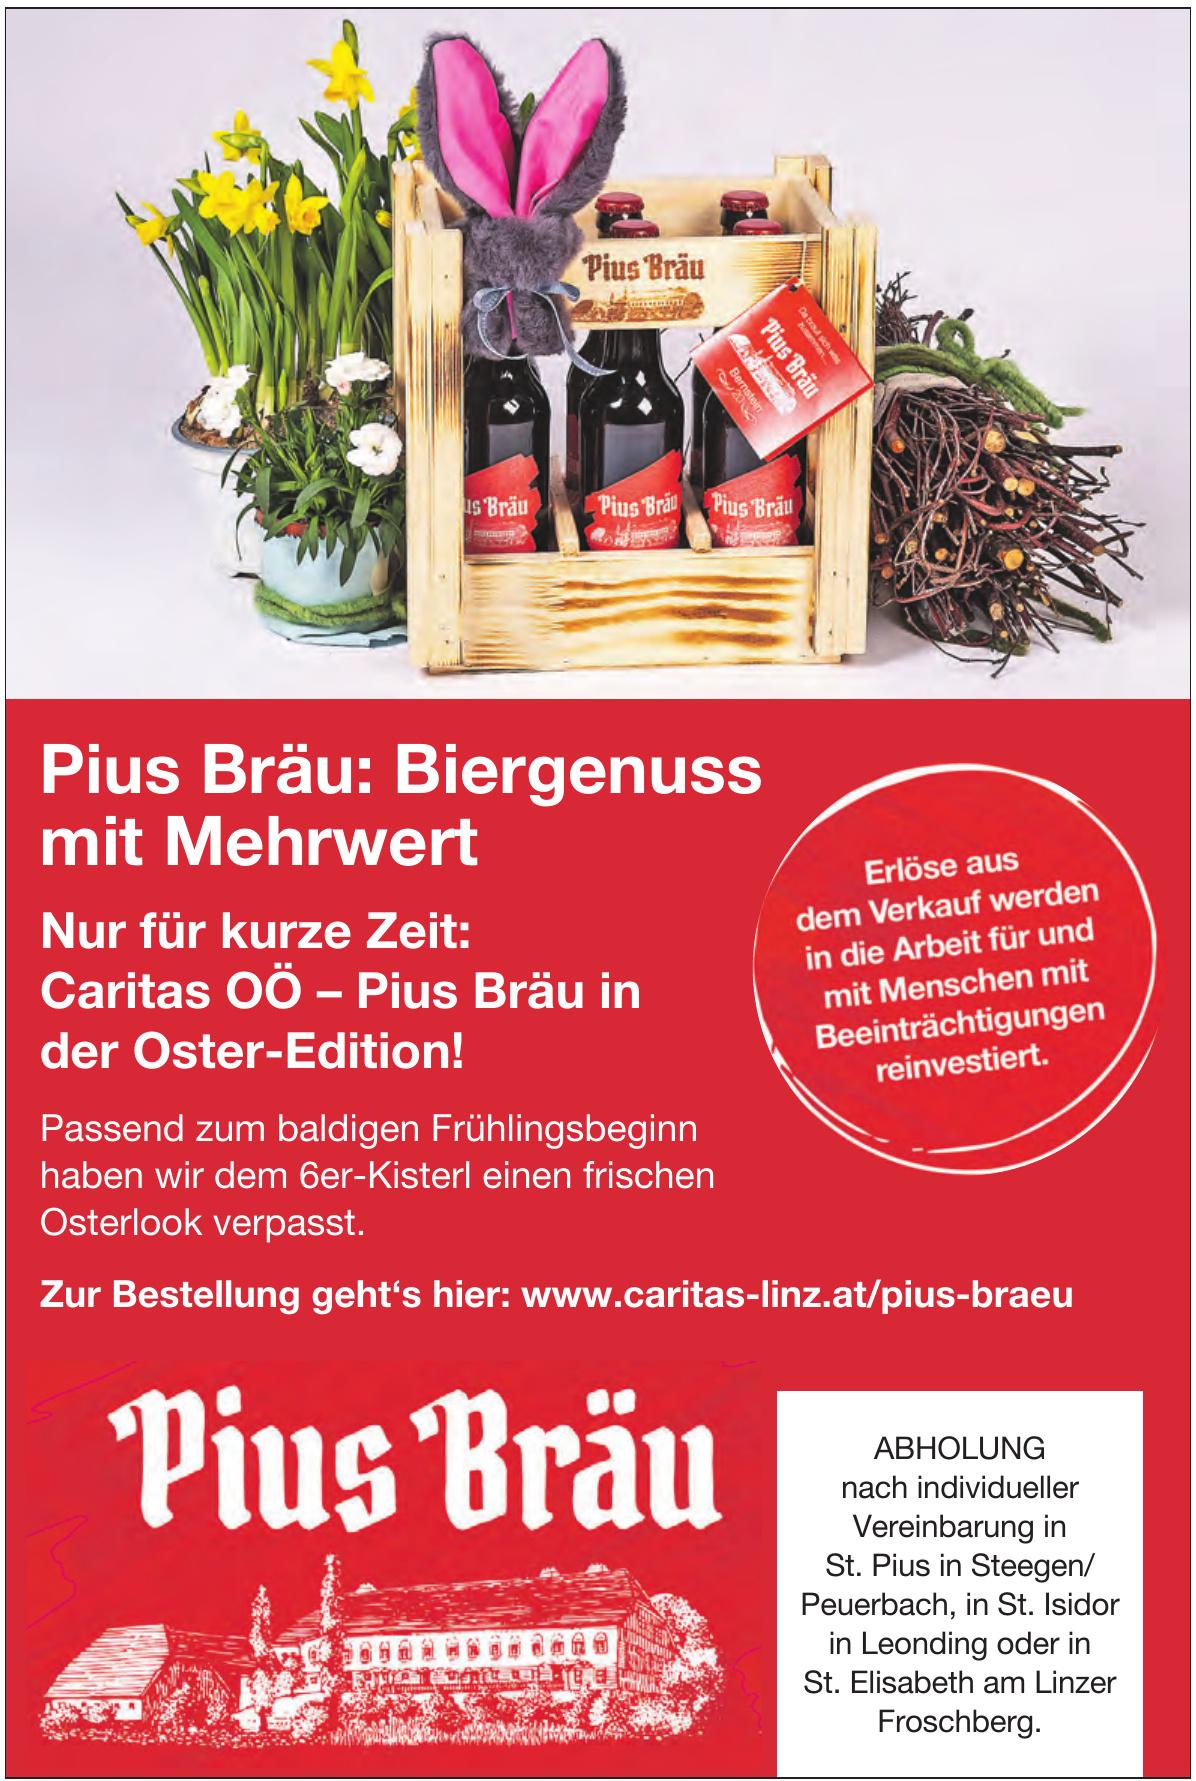 Pius Bräu